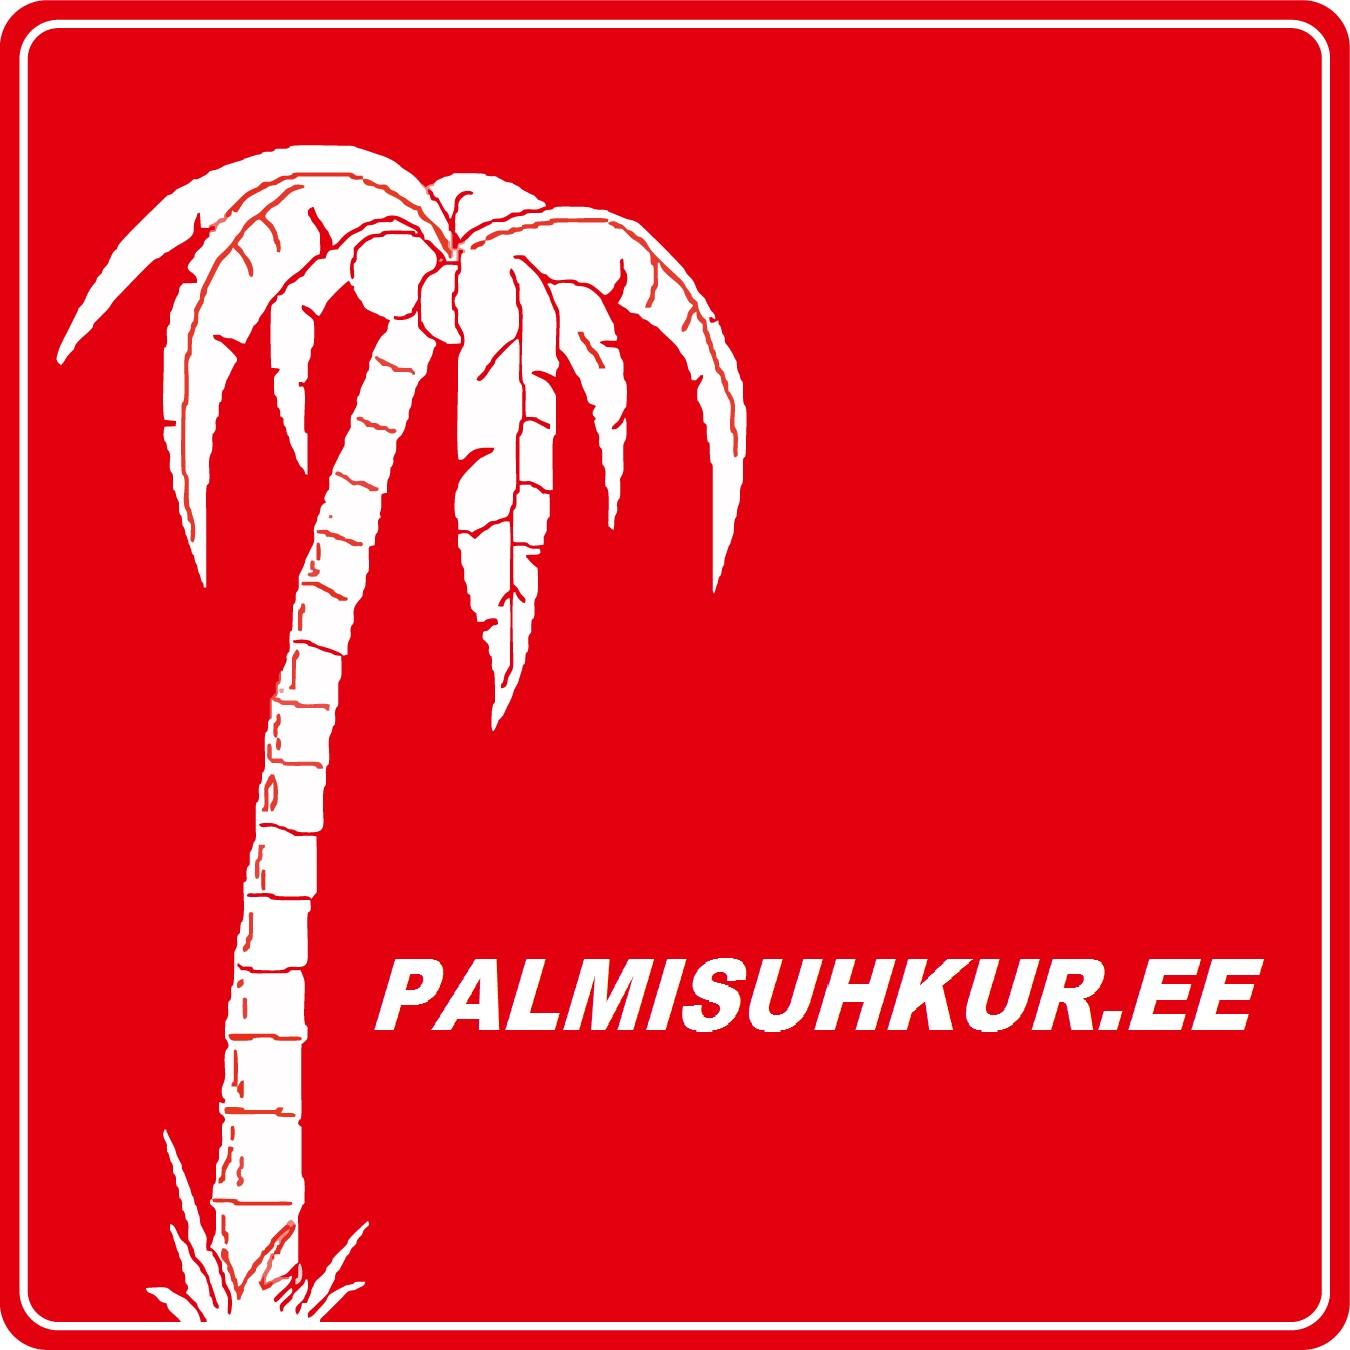 Palmisuhkur.ee